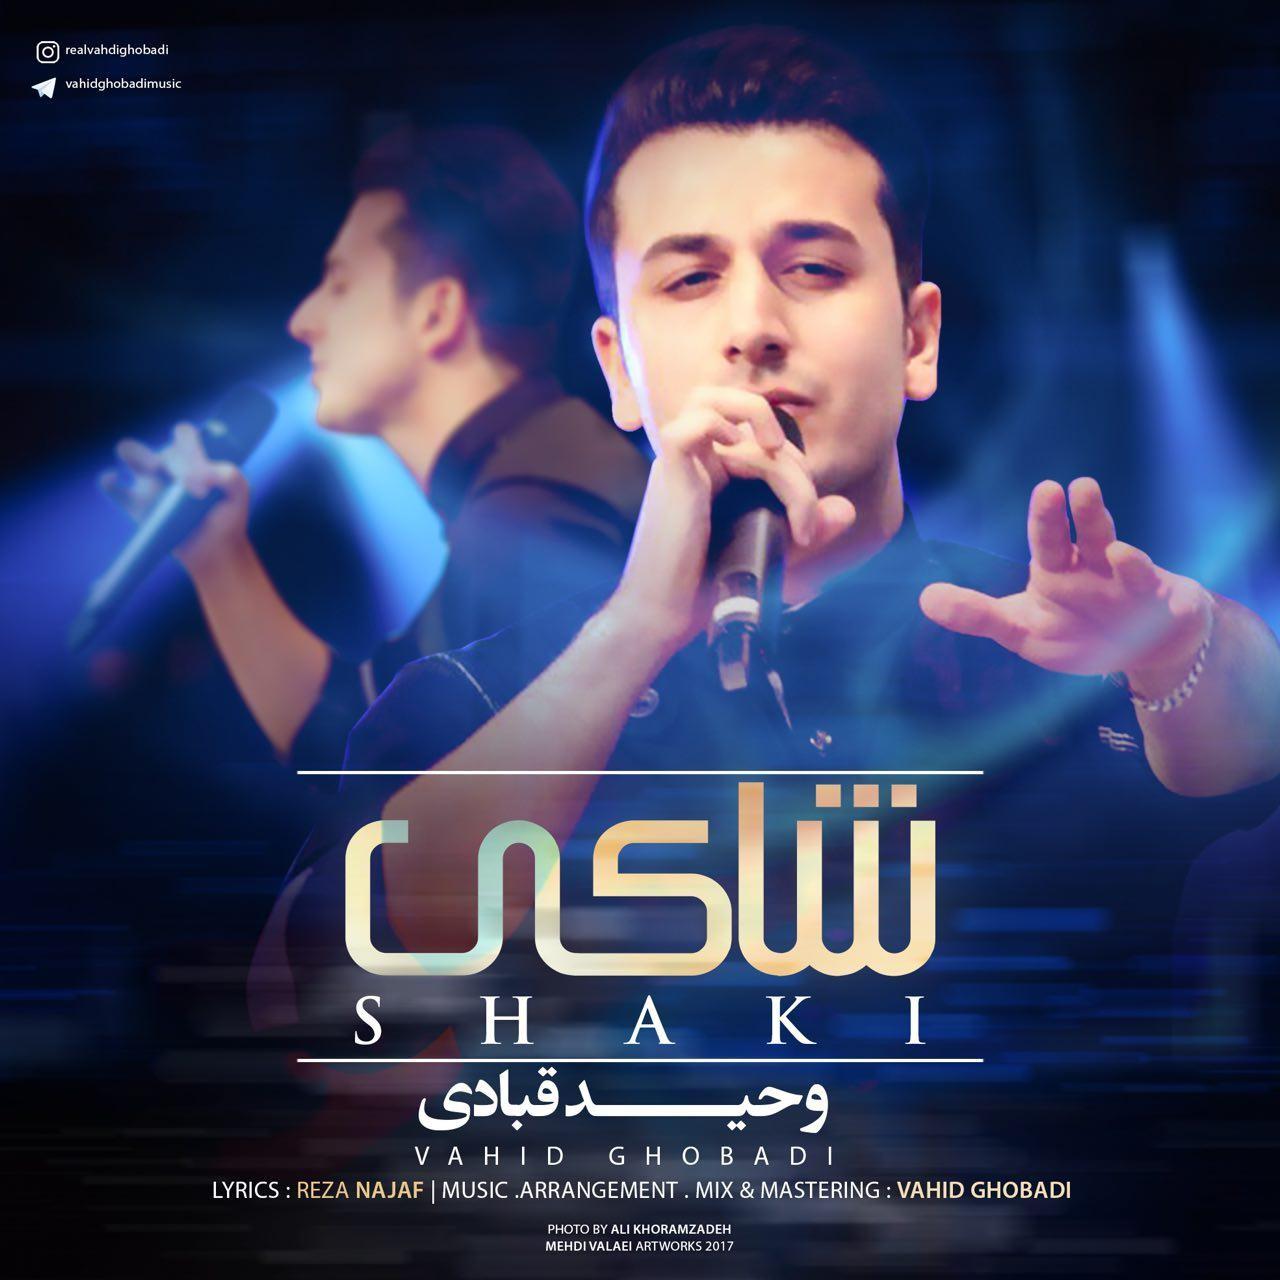 نامبر وان موزیک | دانلود آهنگ جدید Vahid-Ghobadi-Shaki